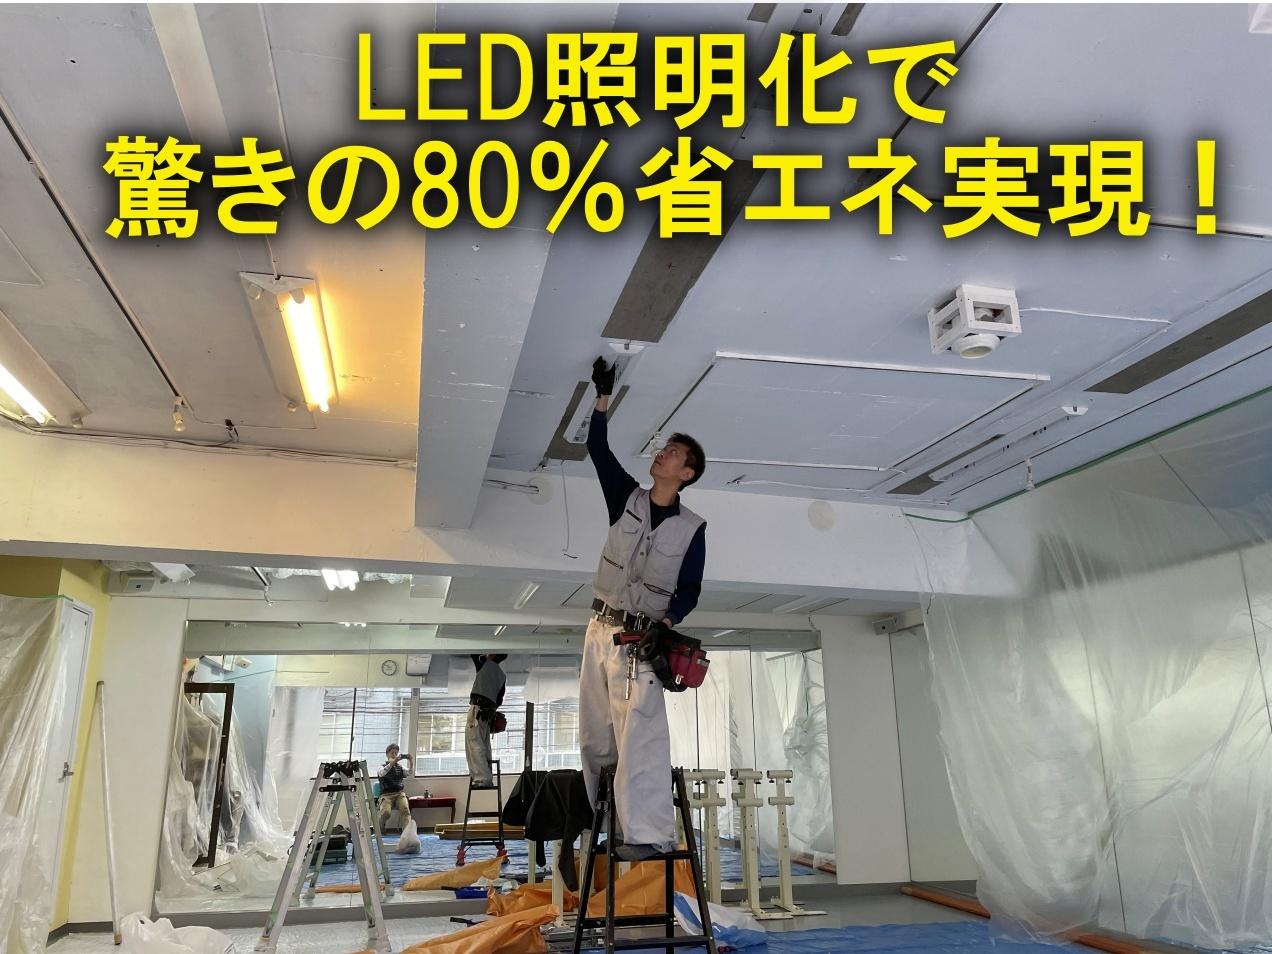 LED照明化で驚きの80%省エネ実現!